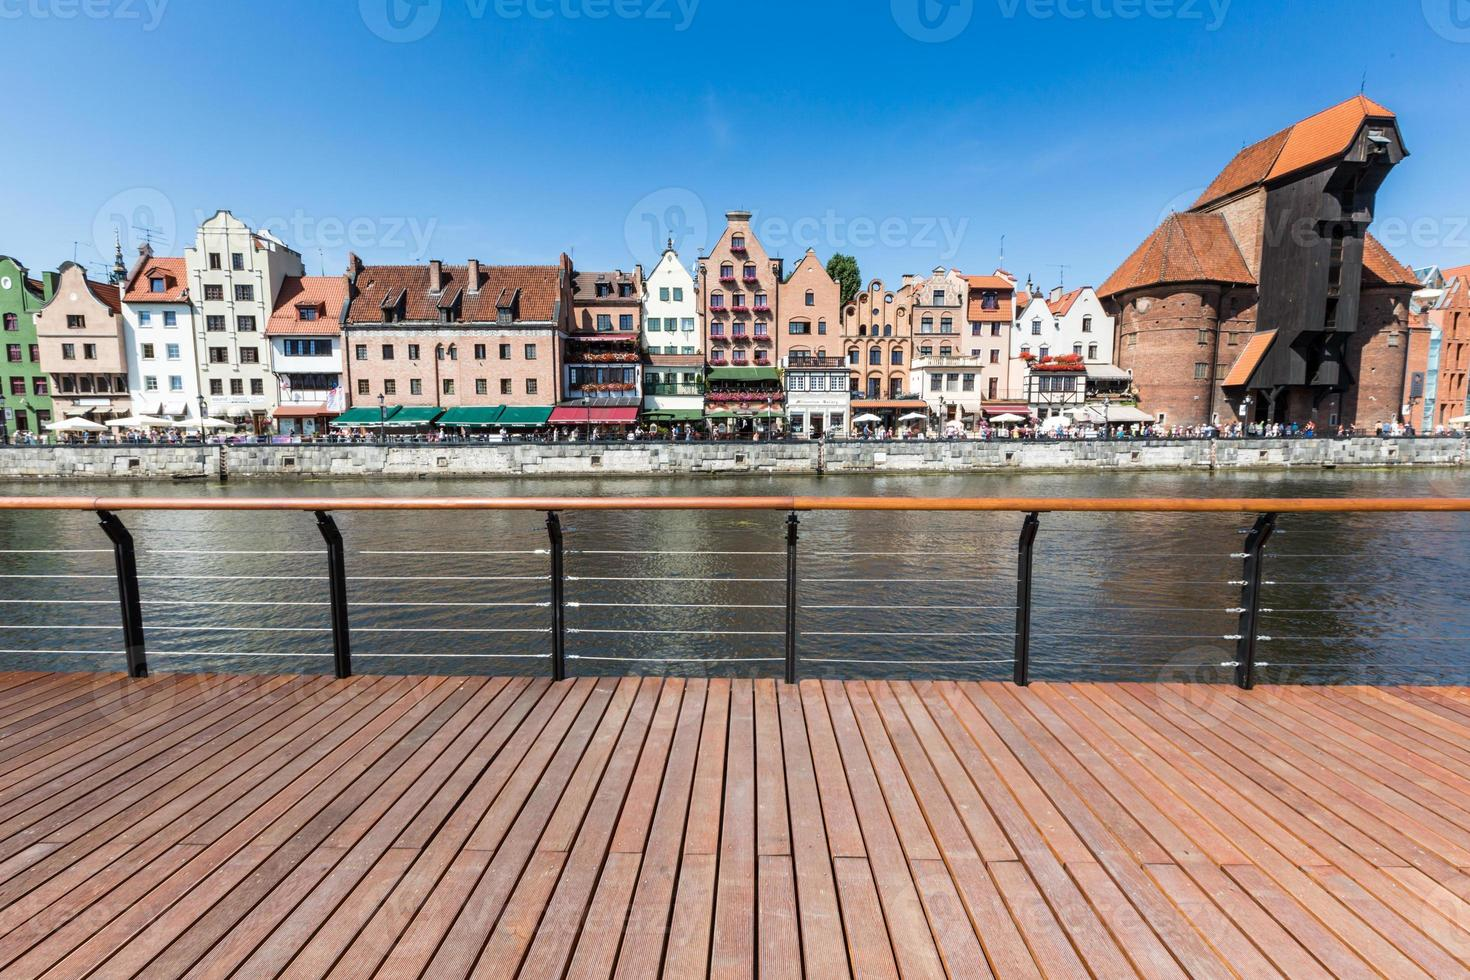 traditionelle architektur in danzig, polen. foto